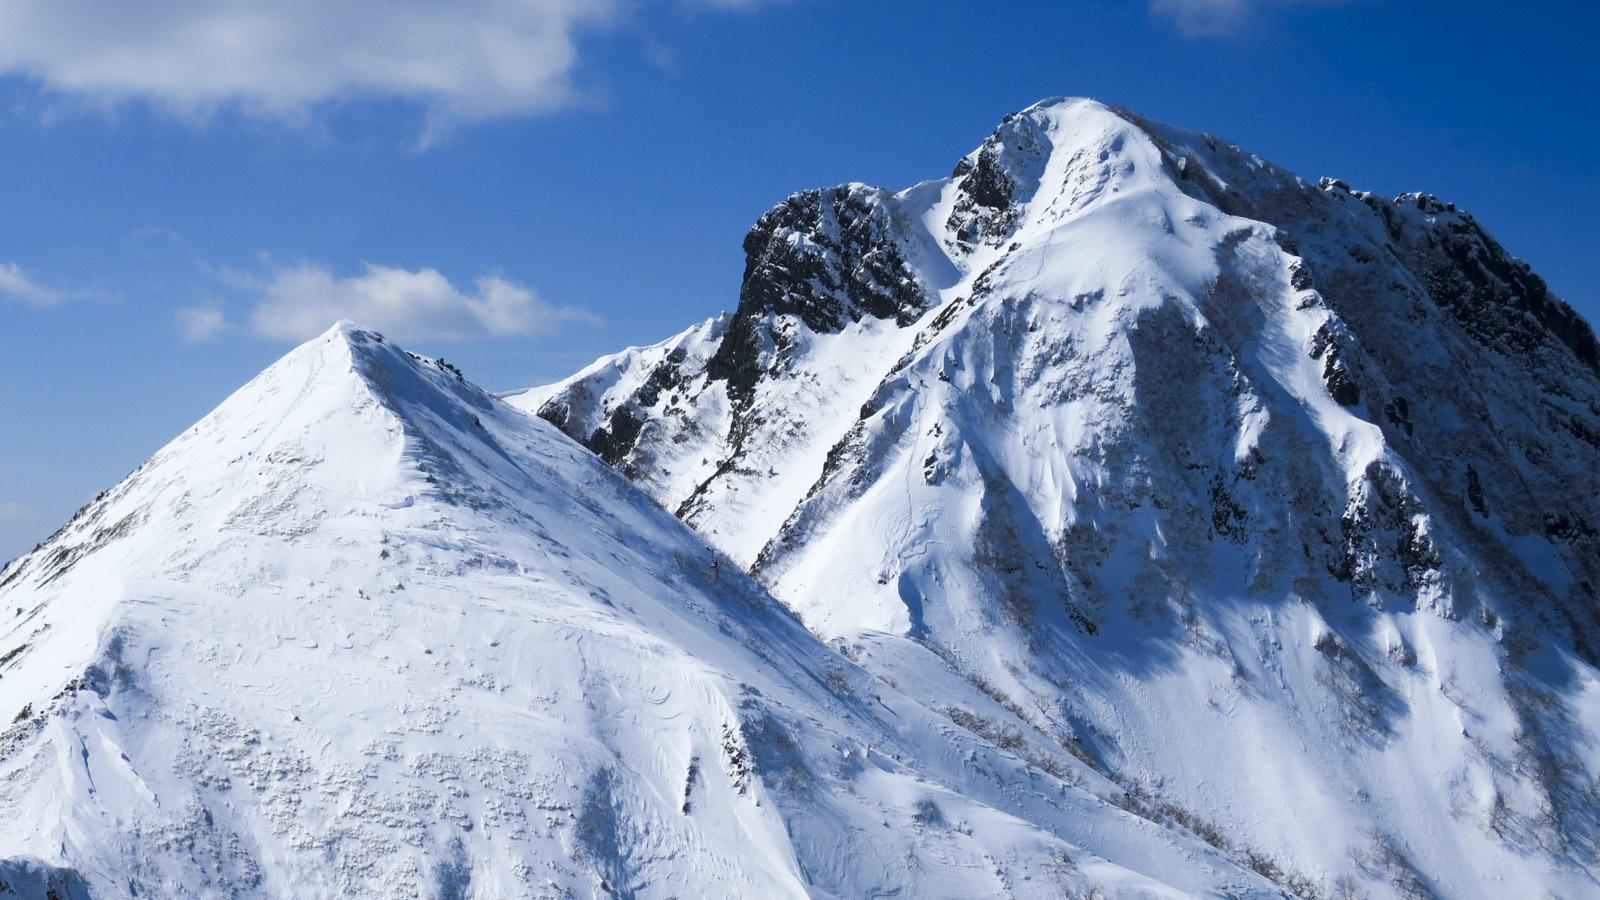 あなたにも必ずできる、『氷の壁をぶっ叩いて登る遊び』の話_b0029315_23452128.jpg